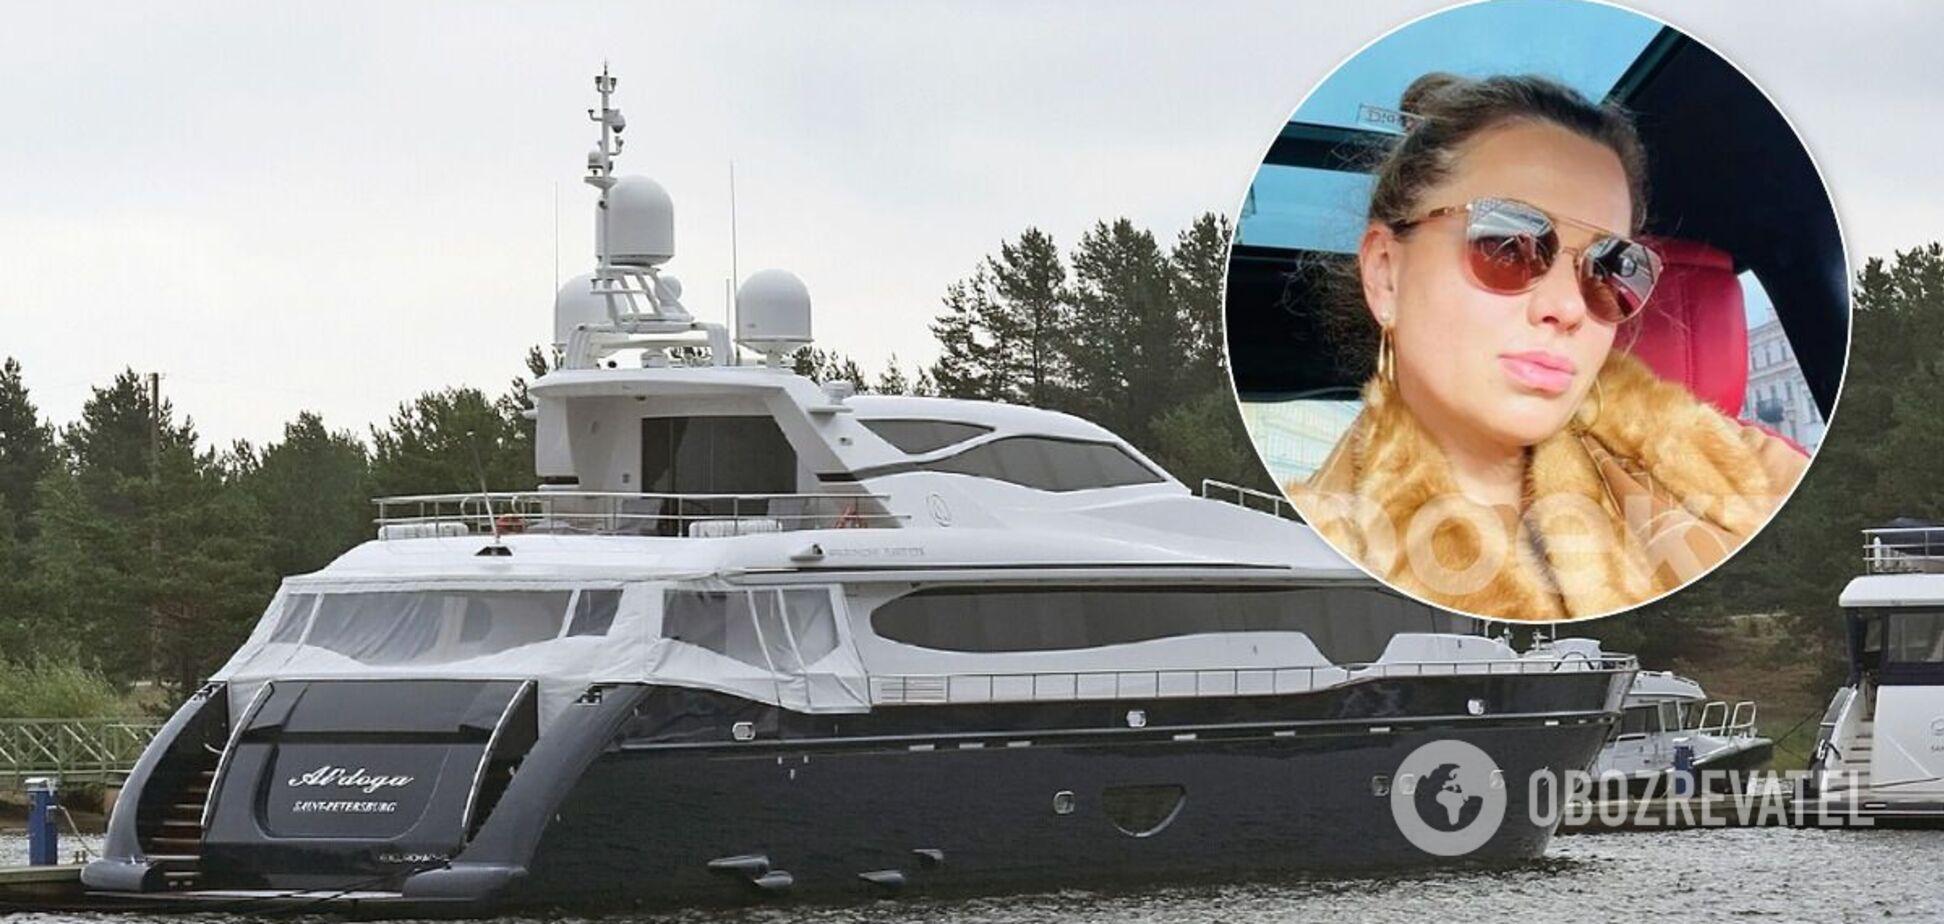 """Светлана Кривоногих плавает на элитной яхте """"Альдога"""""""